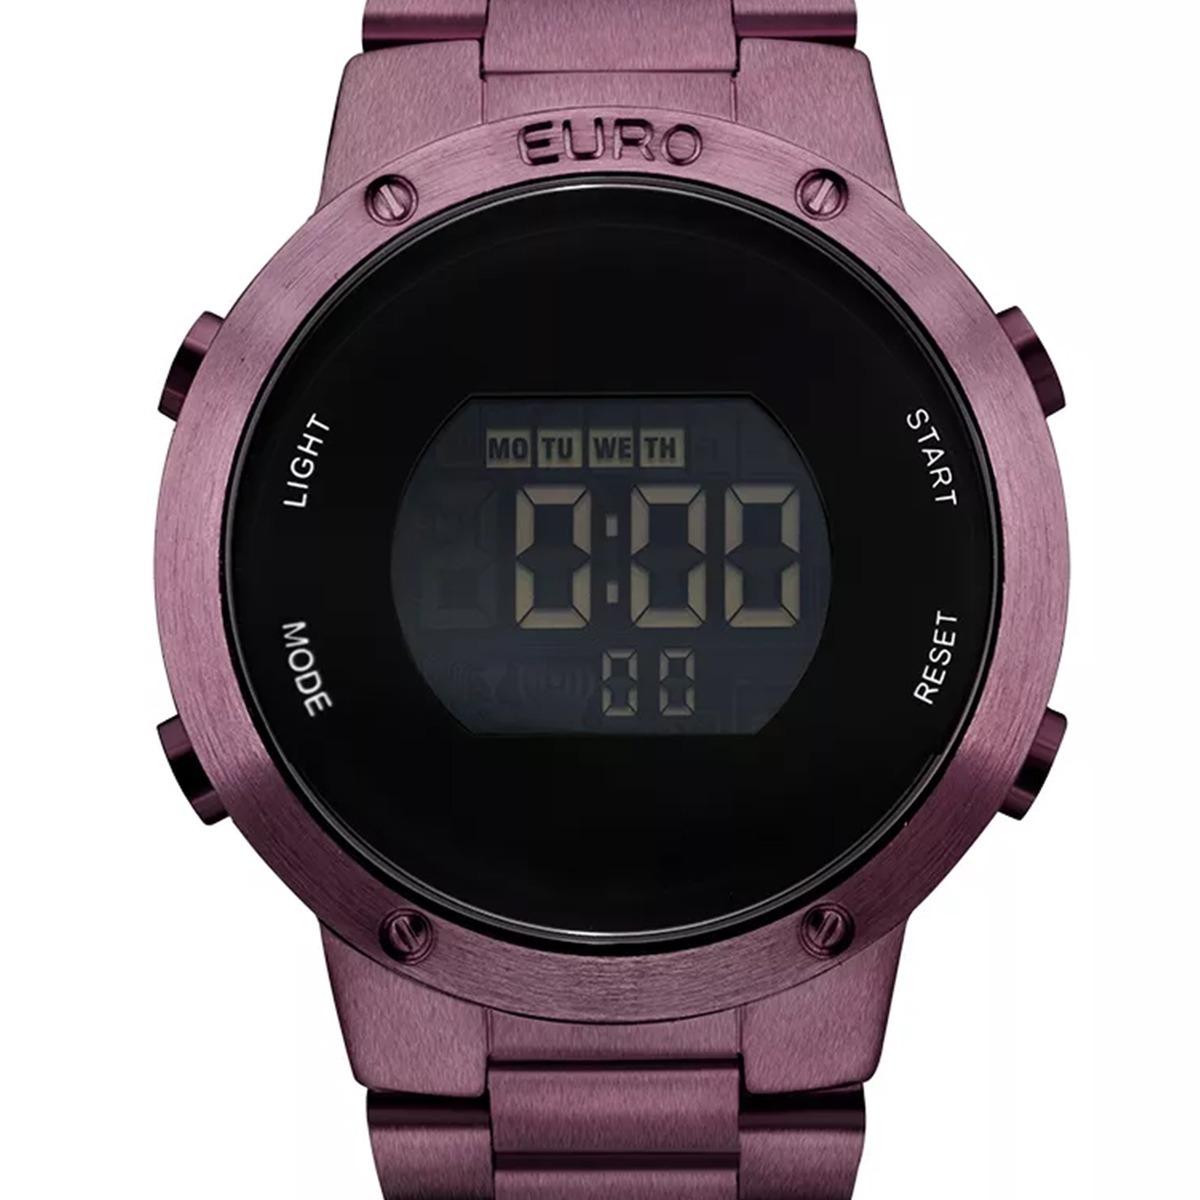 2733c0761f170 Relógio Euro Feminino Digital Roxo - Eubj3279ad 4t - R  279,00 em ...